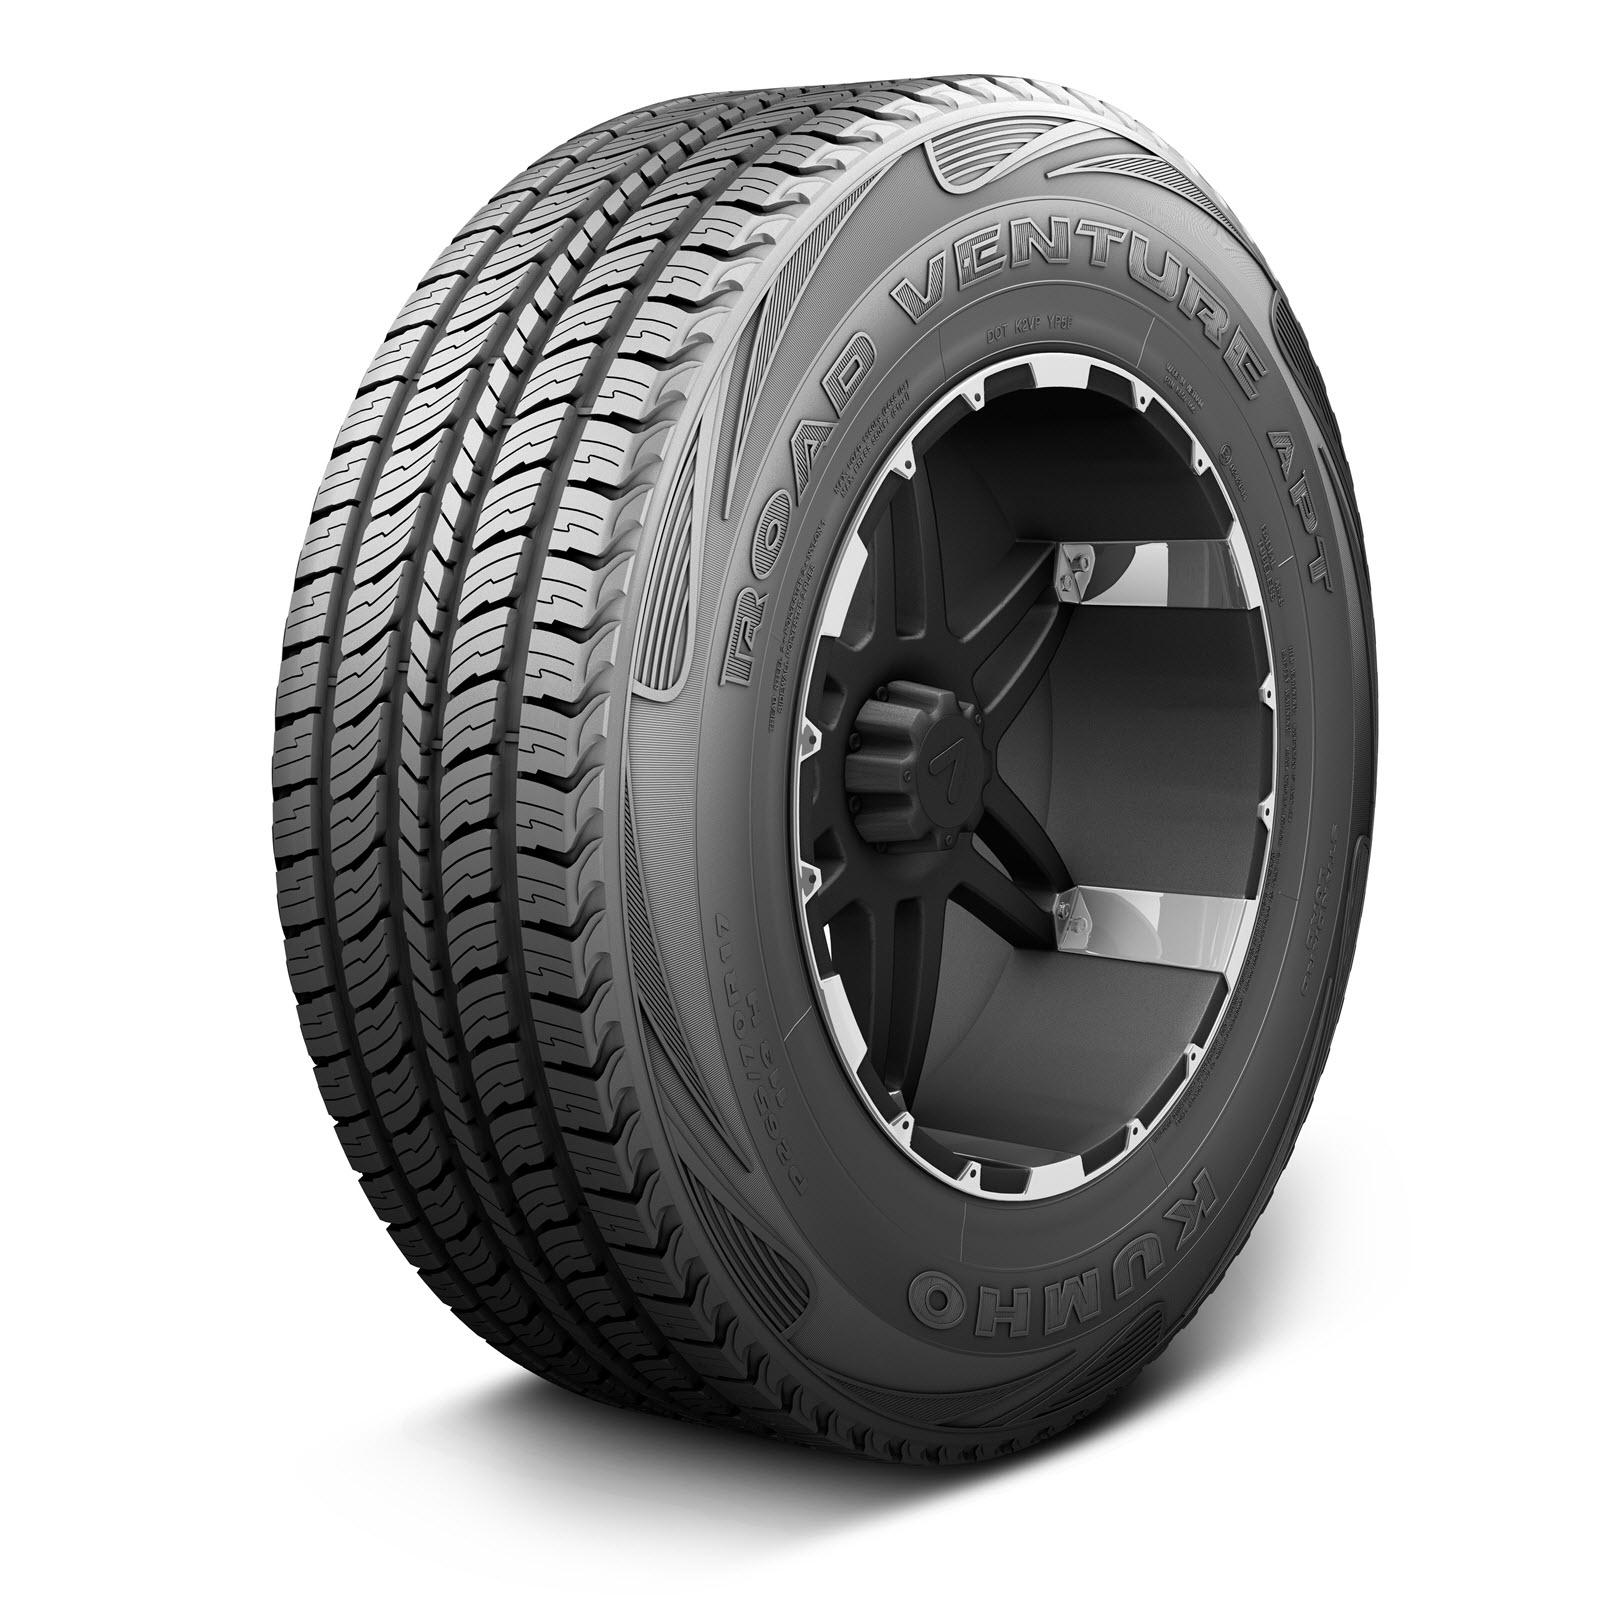 Kumho Road Venture APT KL51 LT245/75R16 ES BW All-Season Tire